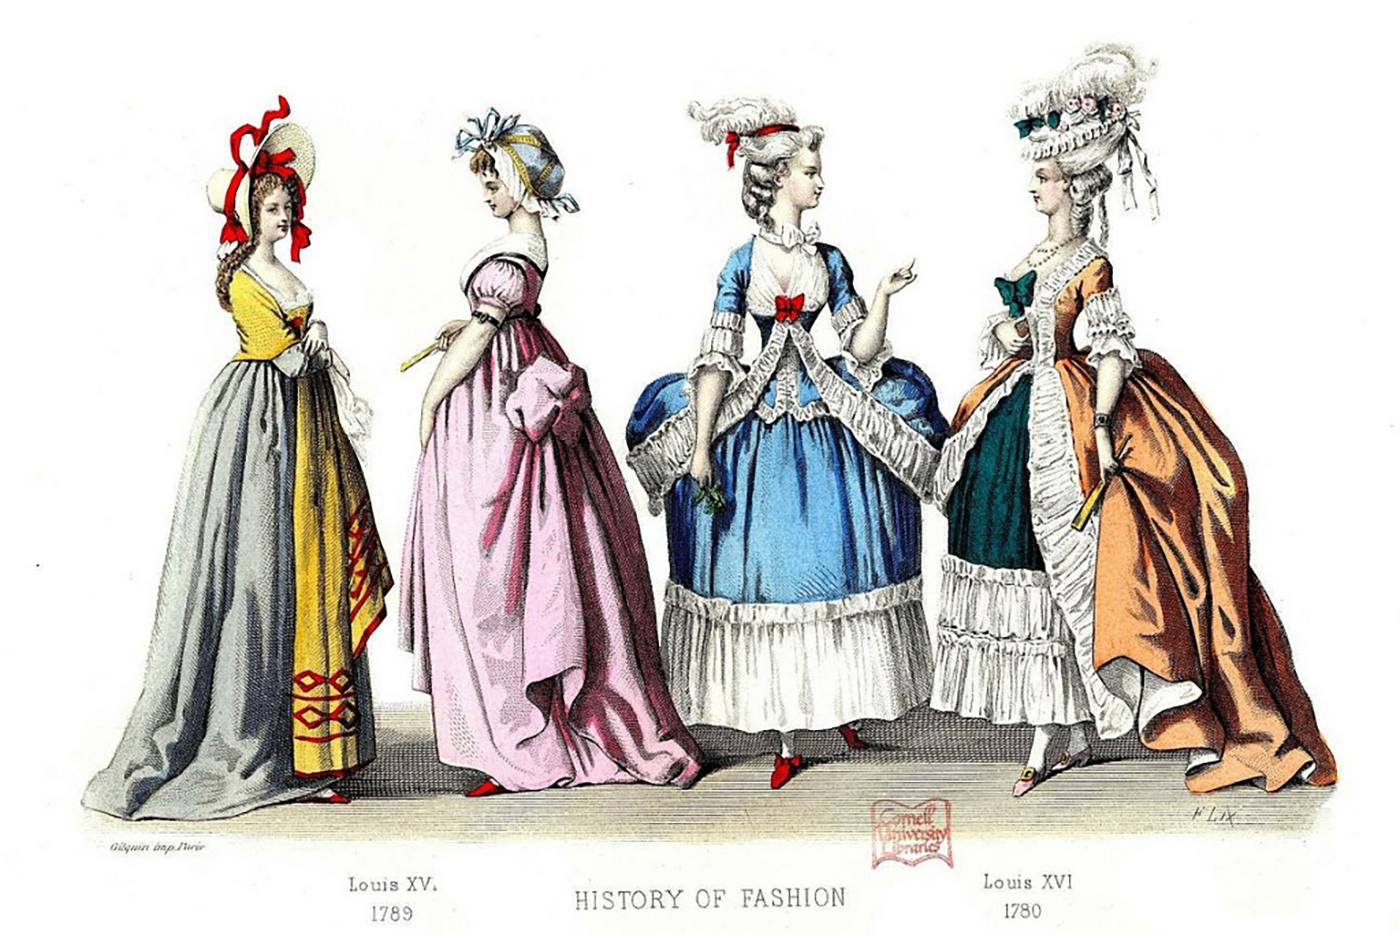 洋裝,洋裝推薦,洋裝穿搭,連身裙,連身洋裝,雪紡洋裝,長洋裝,針織洋裝,連身裙,連身裙穿搭,DRESS